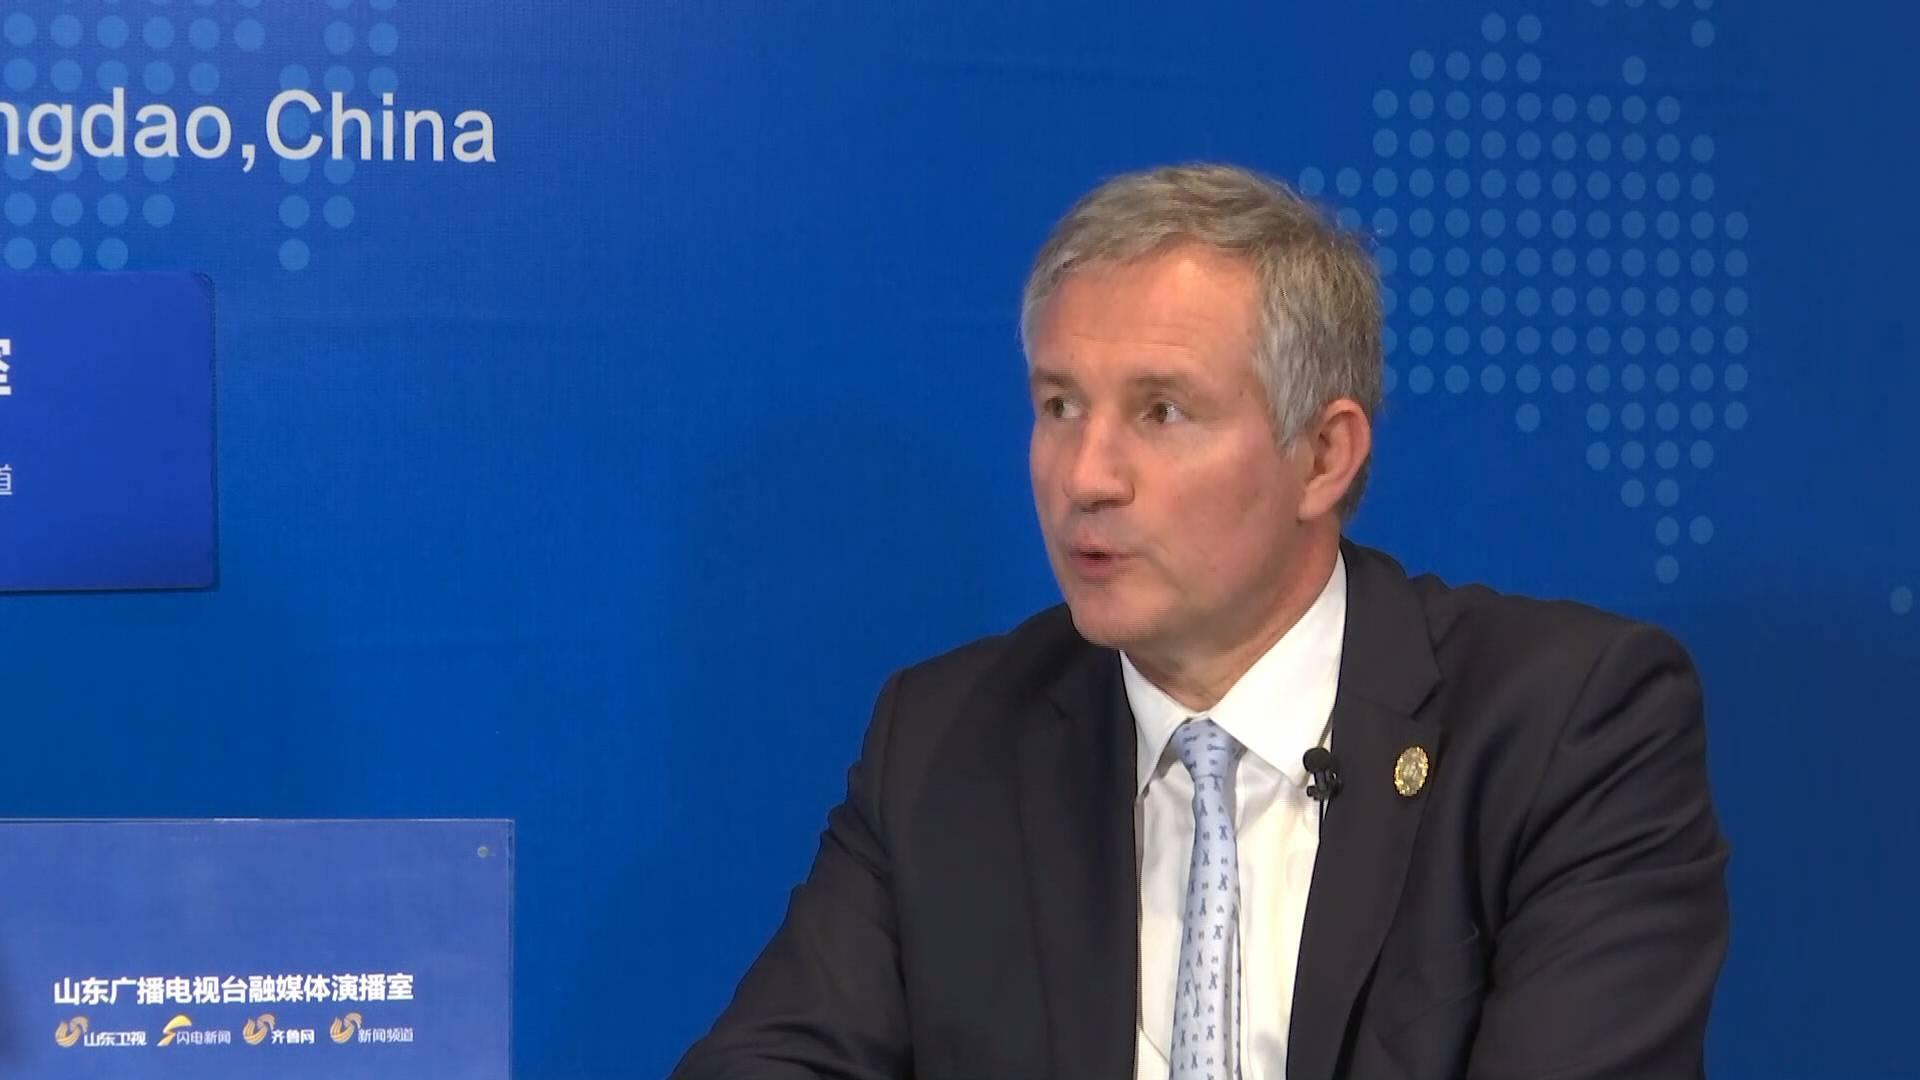 大使看峰会丨法国驻华大使罗梁:我们十分欢迎中国尤其是山东省的投资者赴法投资